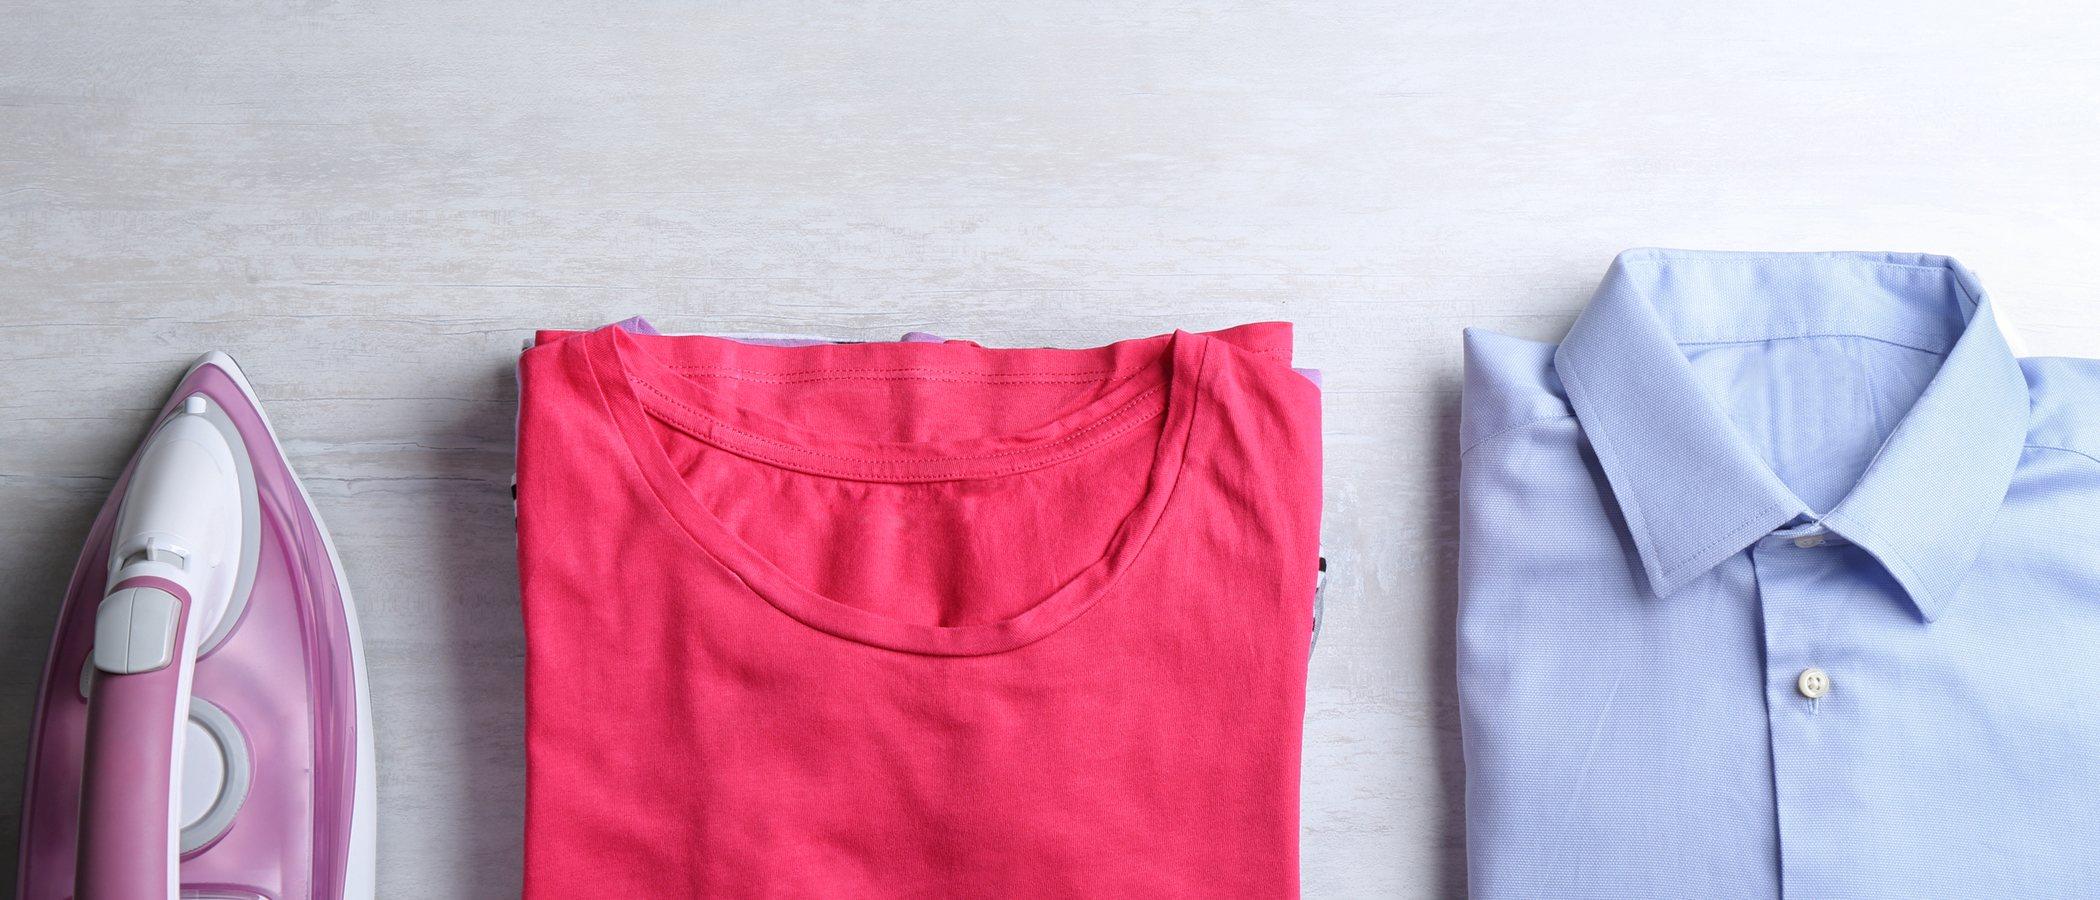 Cómo prevenir las arrugas en la ropa